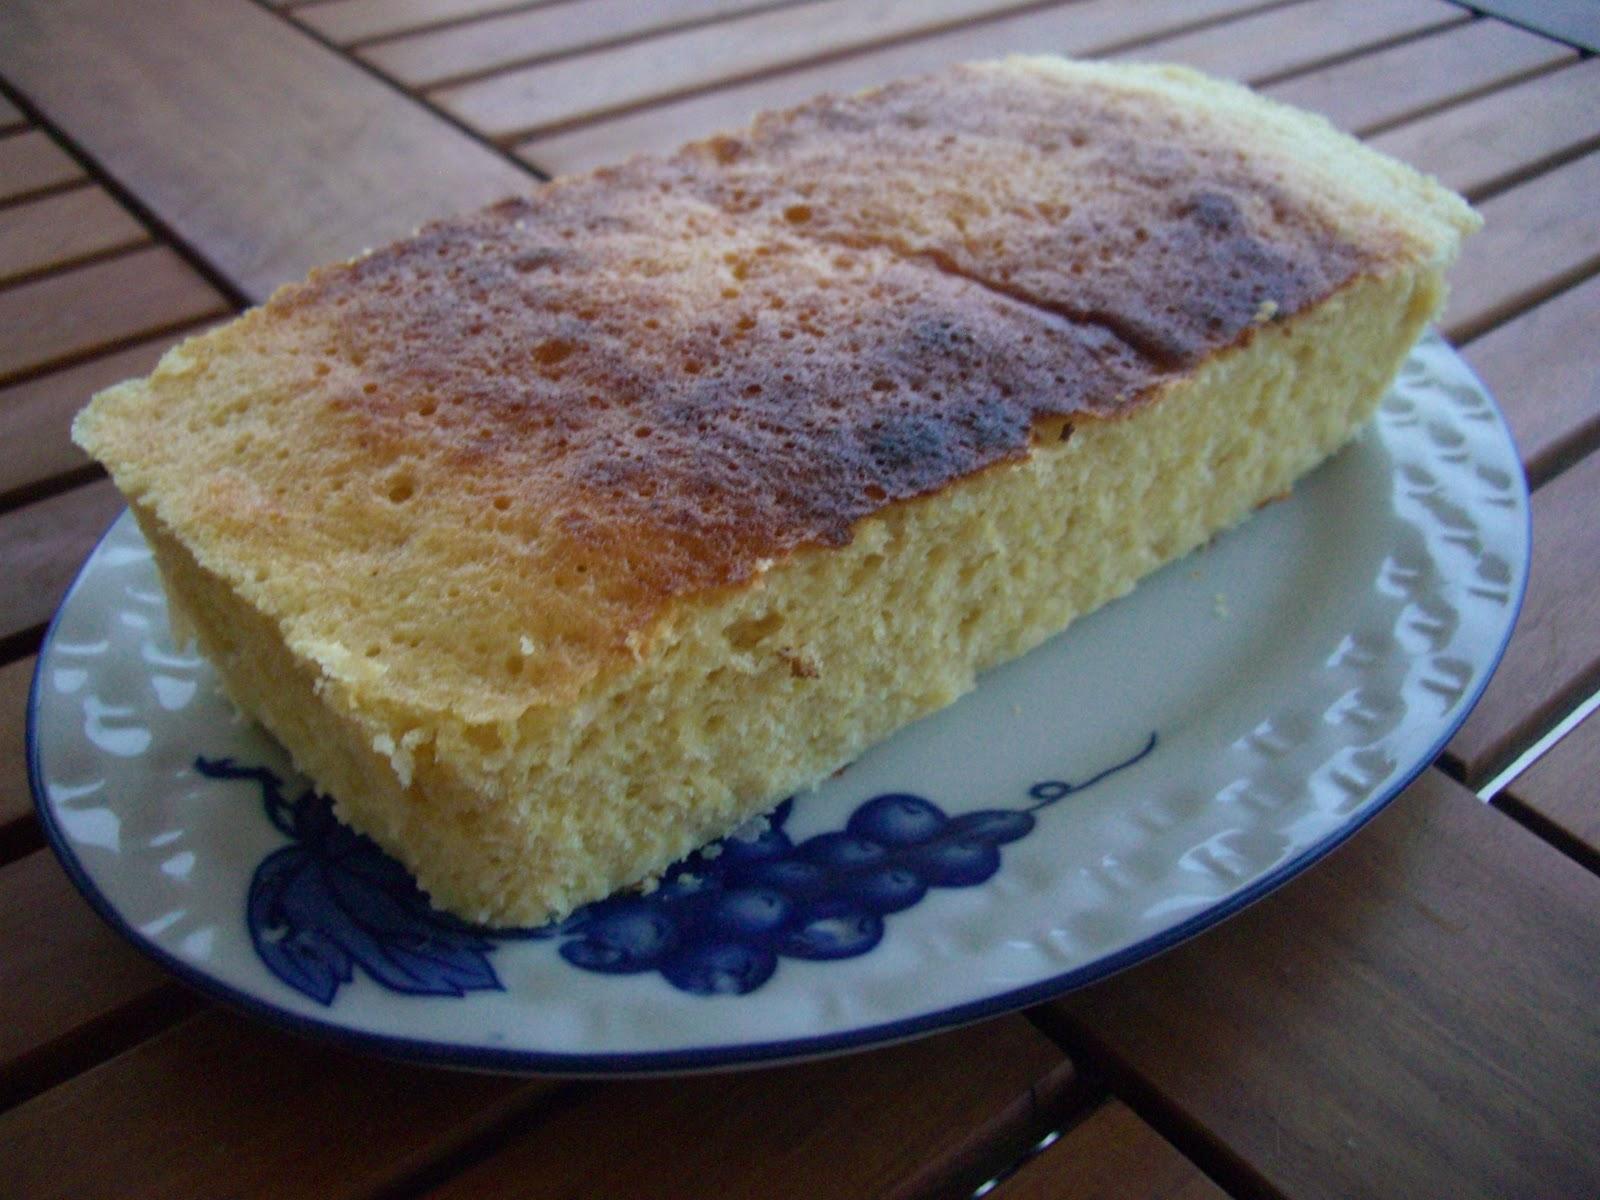 Bizcocho de limon en microondas tan dulce como tu - Bizcocho microondas 3 minutos ...